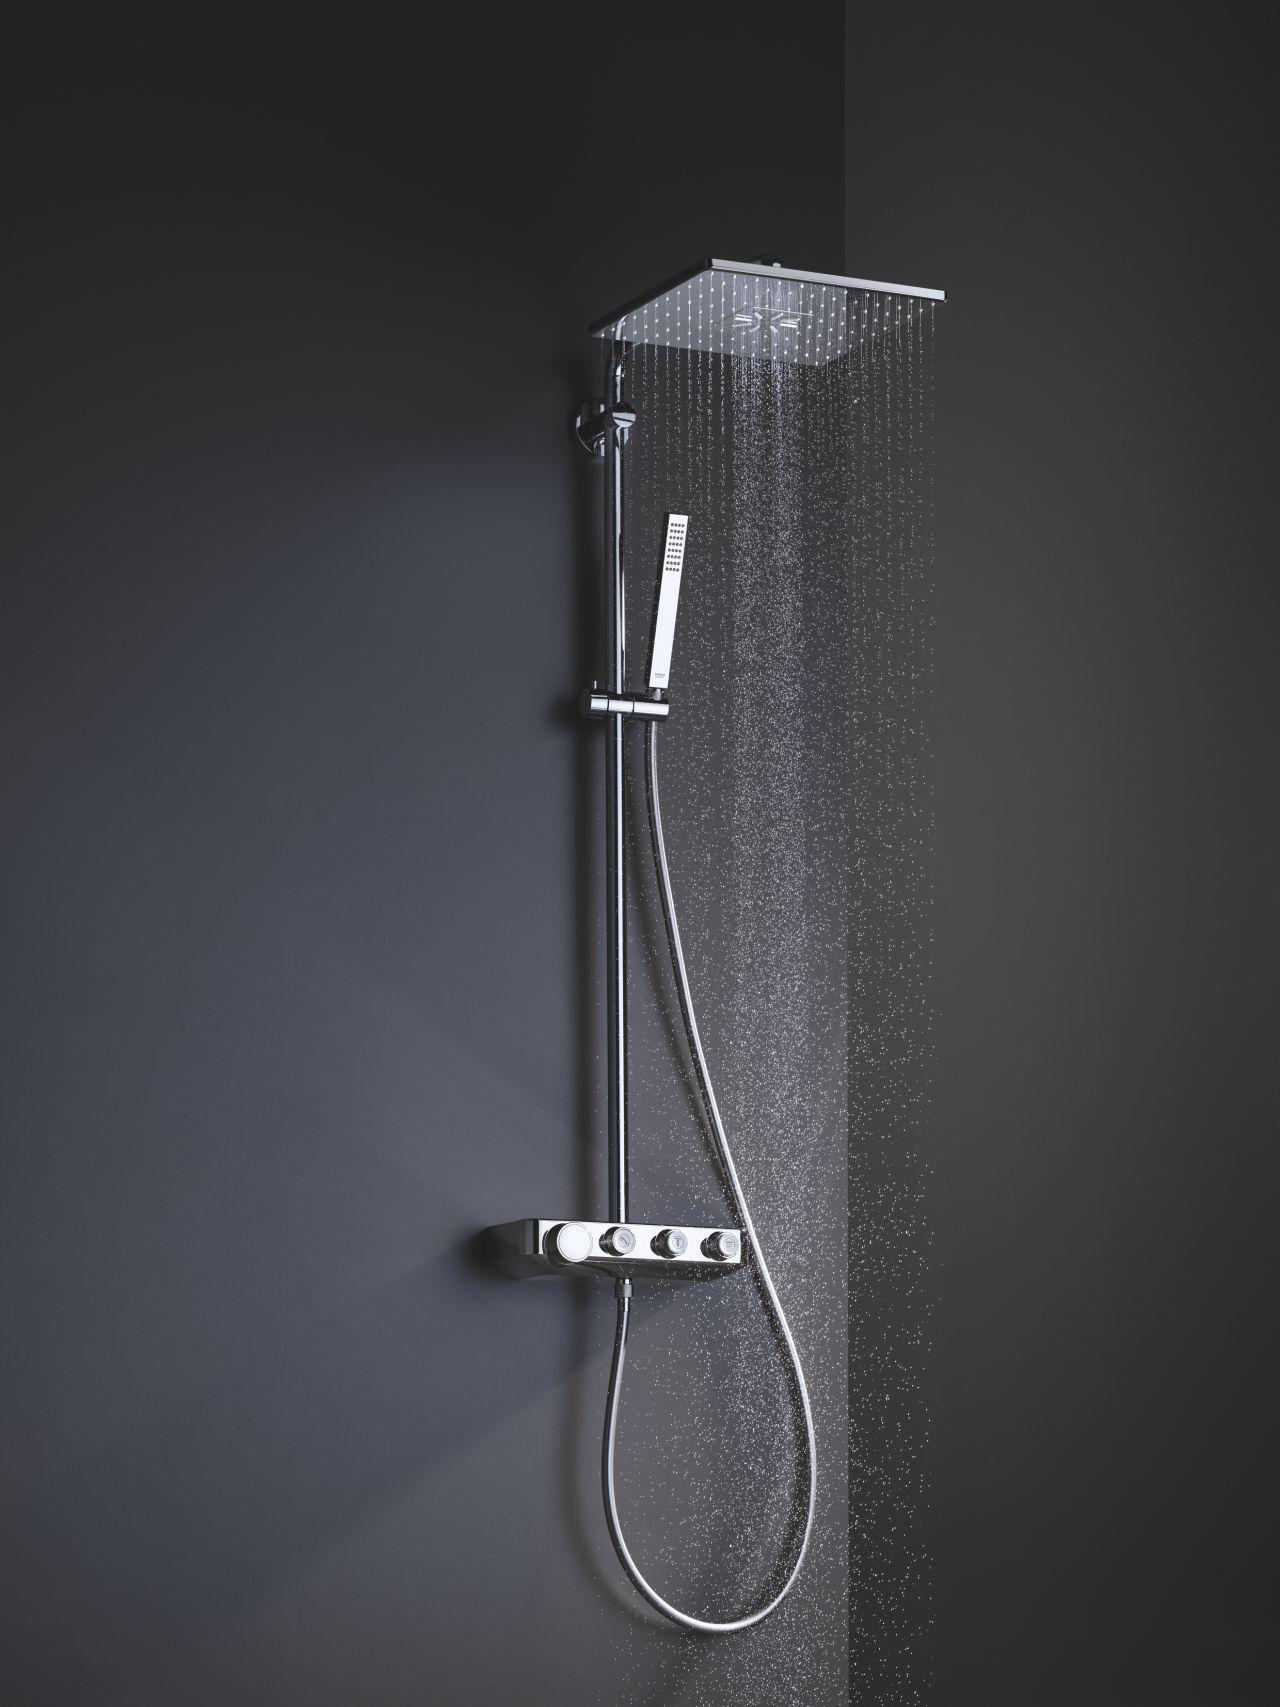 Full Size of Grohe Thermostat Dusche Duschsystem Fr Jede Duschgenuss Den Richtigen Mix Bodengleiche Nachträglich Einbauen Ebenerdig Sprinz Duschen Breuer Glastür Dusche Grohe Thermostat Dusche